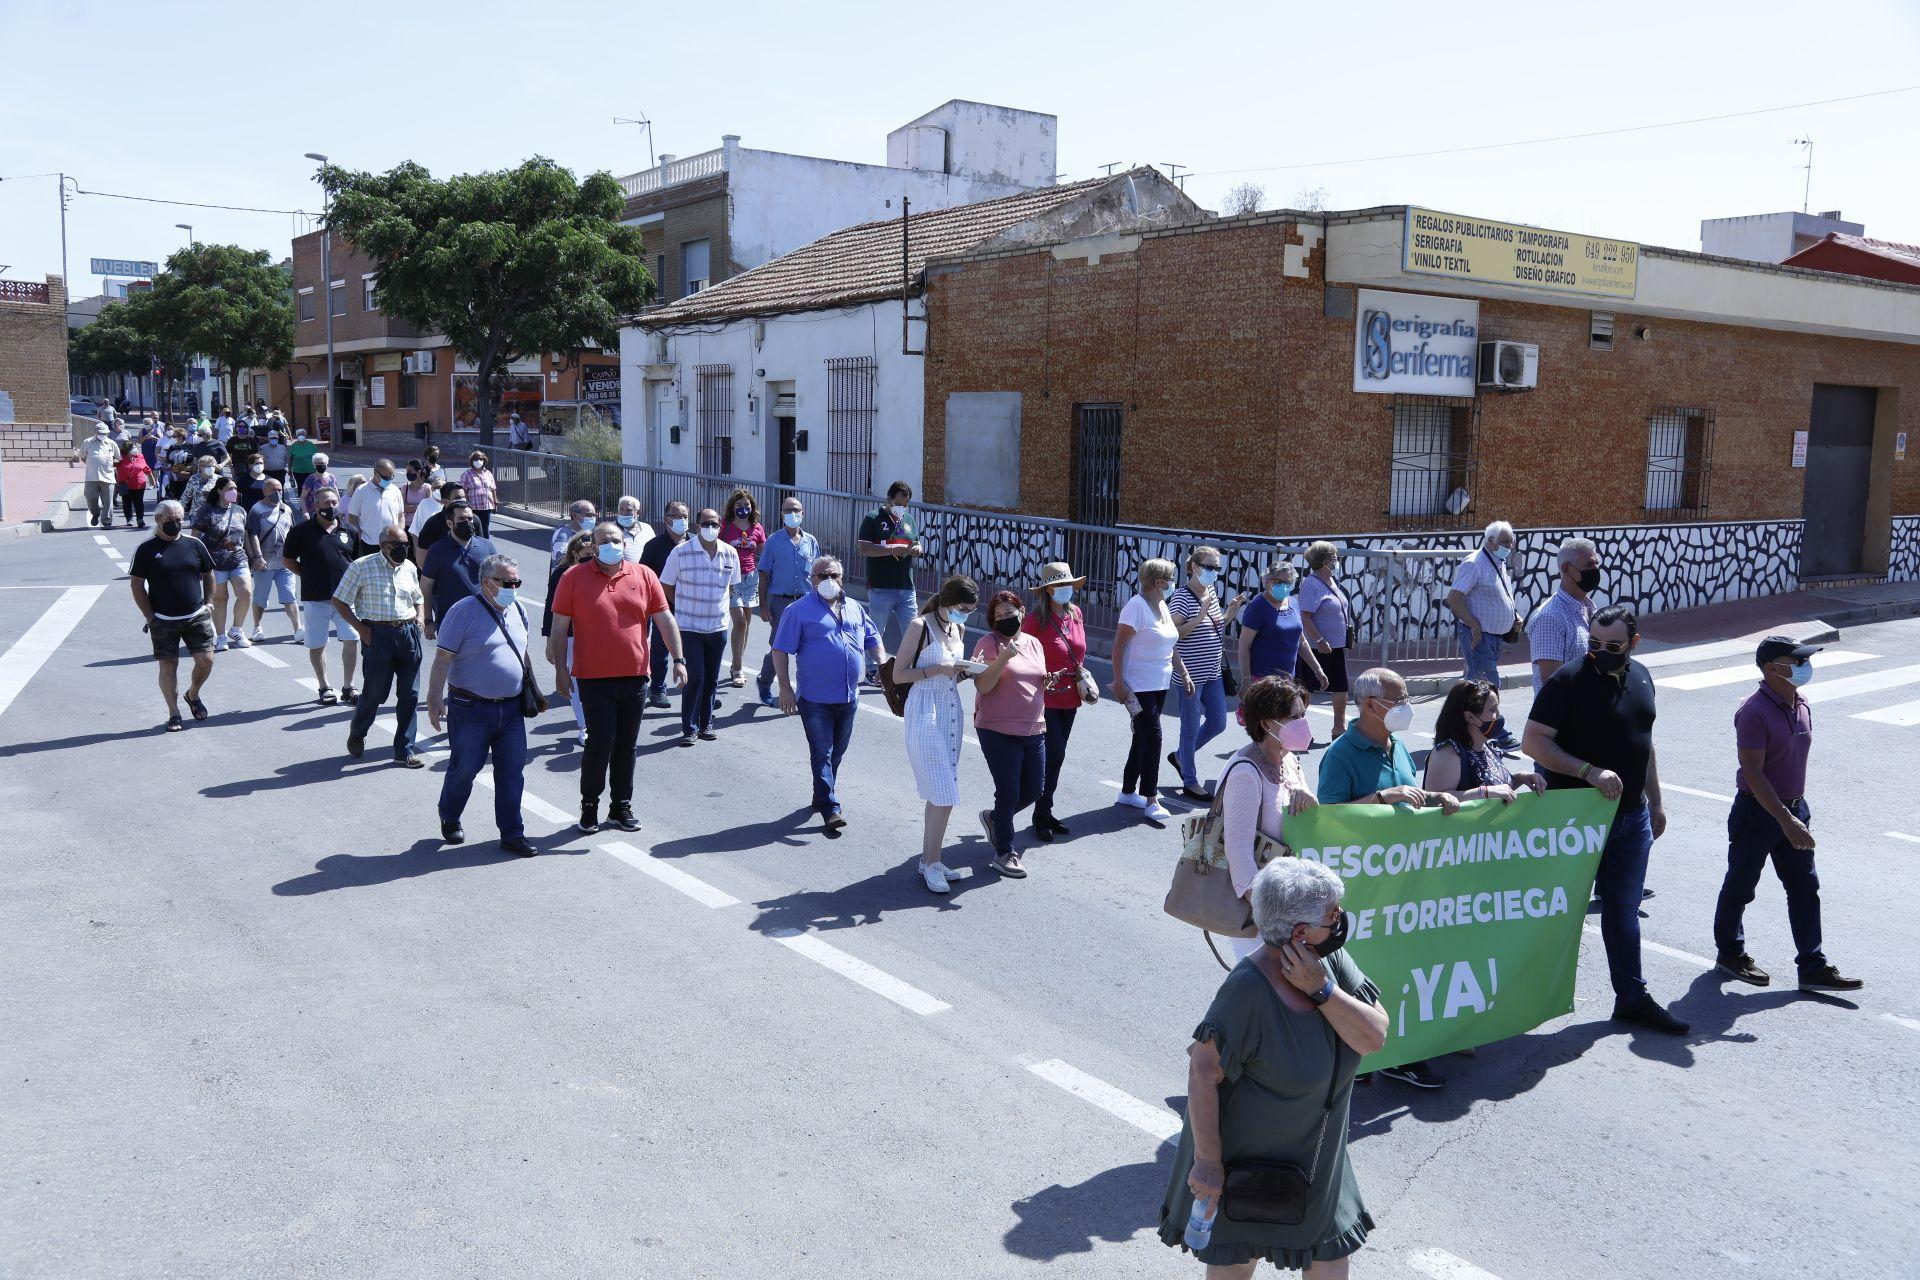 Protesta en Torreciega por la descontaminación del suelo